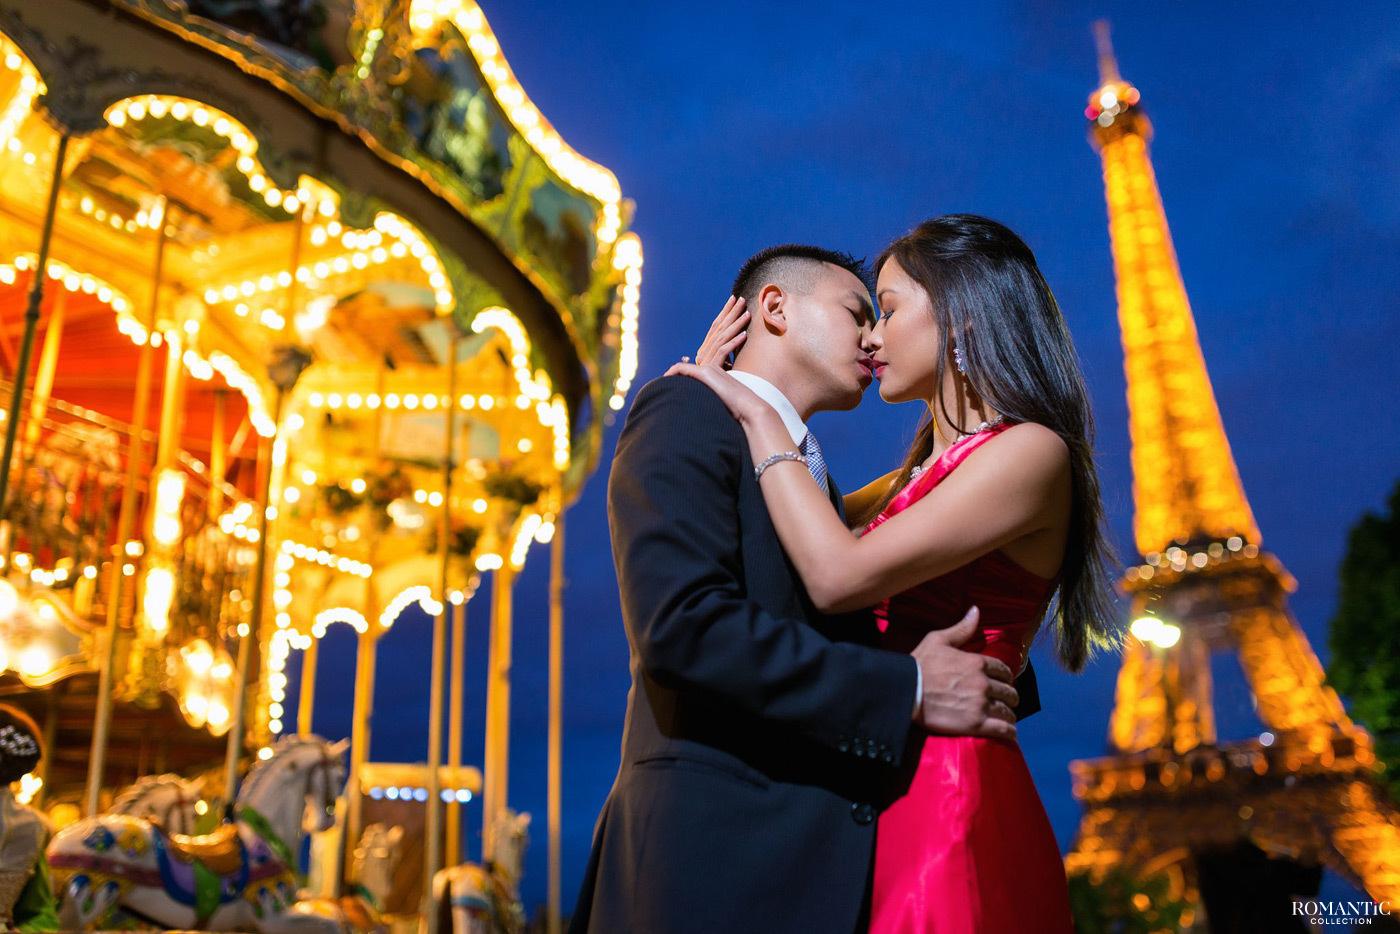 Влюблённые у карусели на фоне Эйфелевой башни